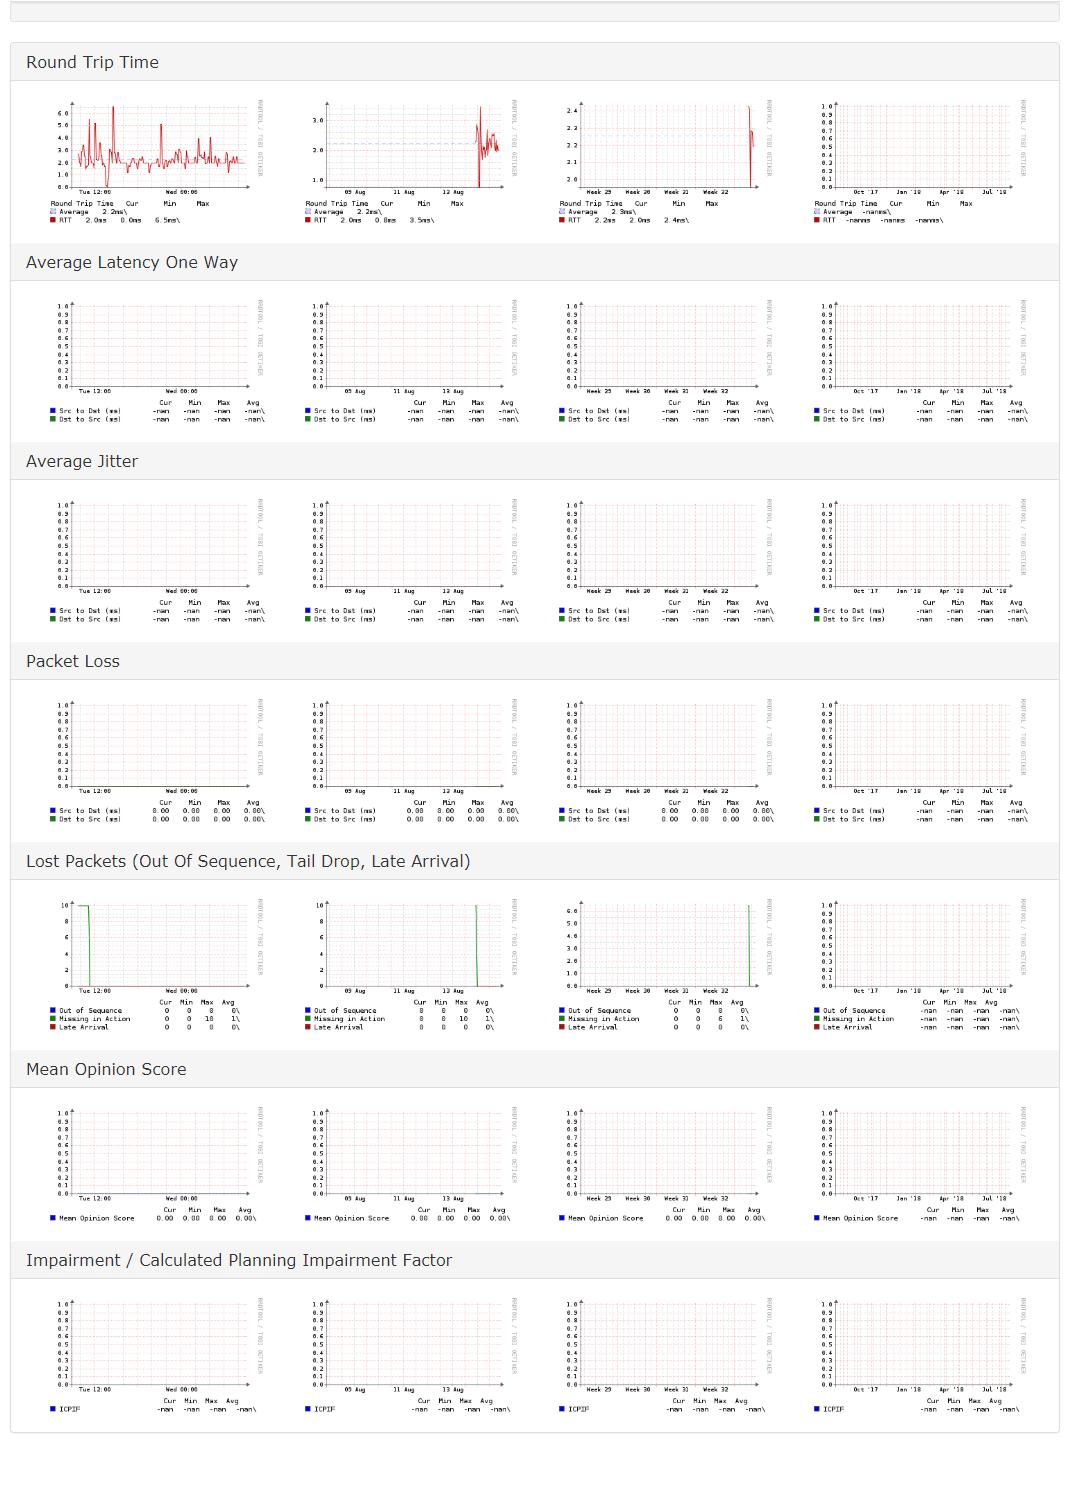 IPSLA - IOS-XR / ASR9k - Not showing Avg  Latency One Way